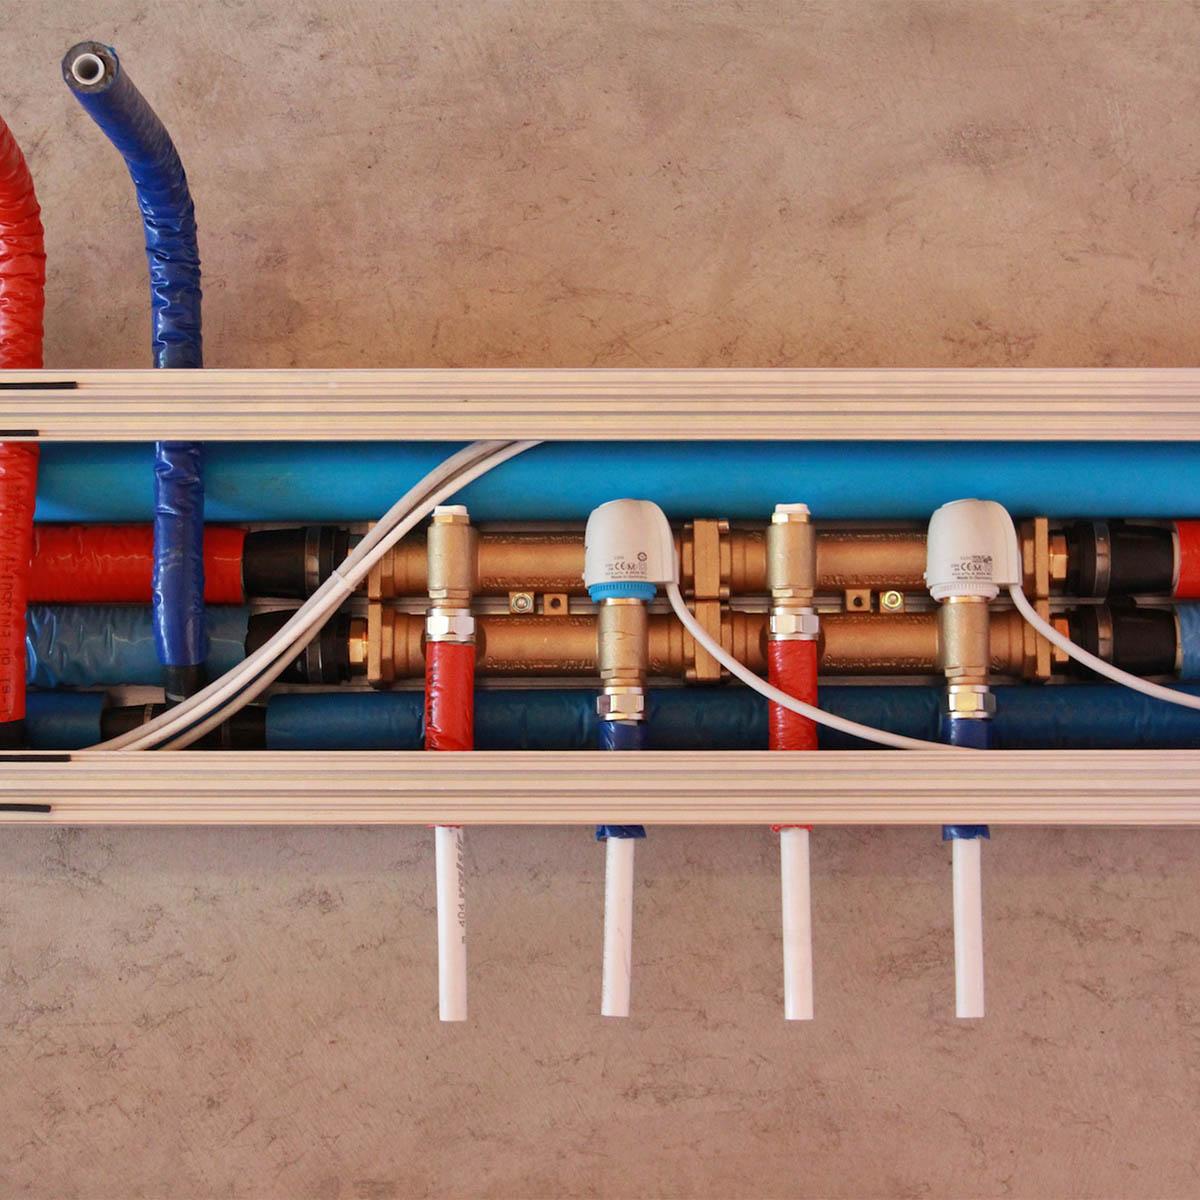 Eliminazione quadri elettrici e collettori idraulici